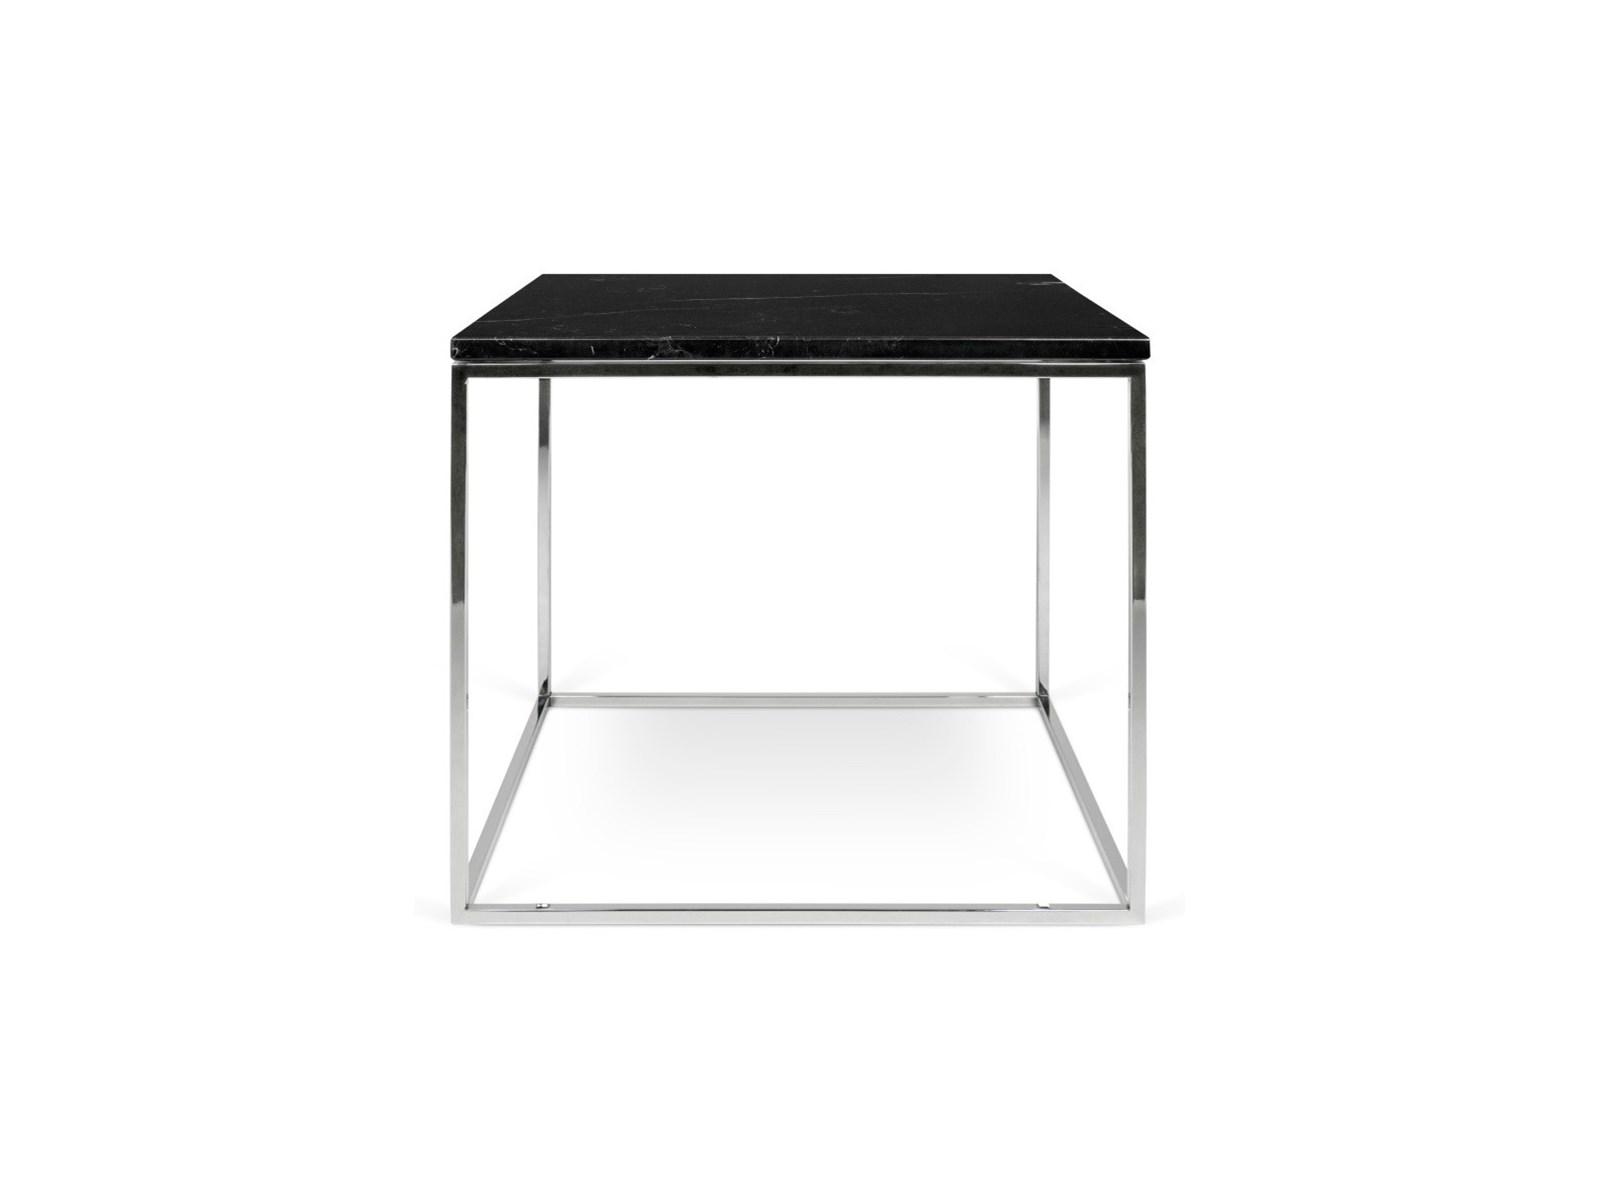 Stolik kawowy Cross 50x50 cm przydymiony nogi czarne